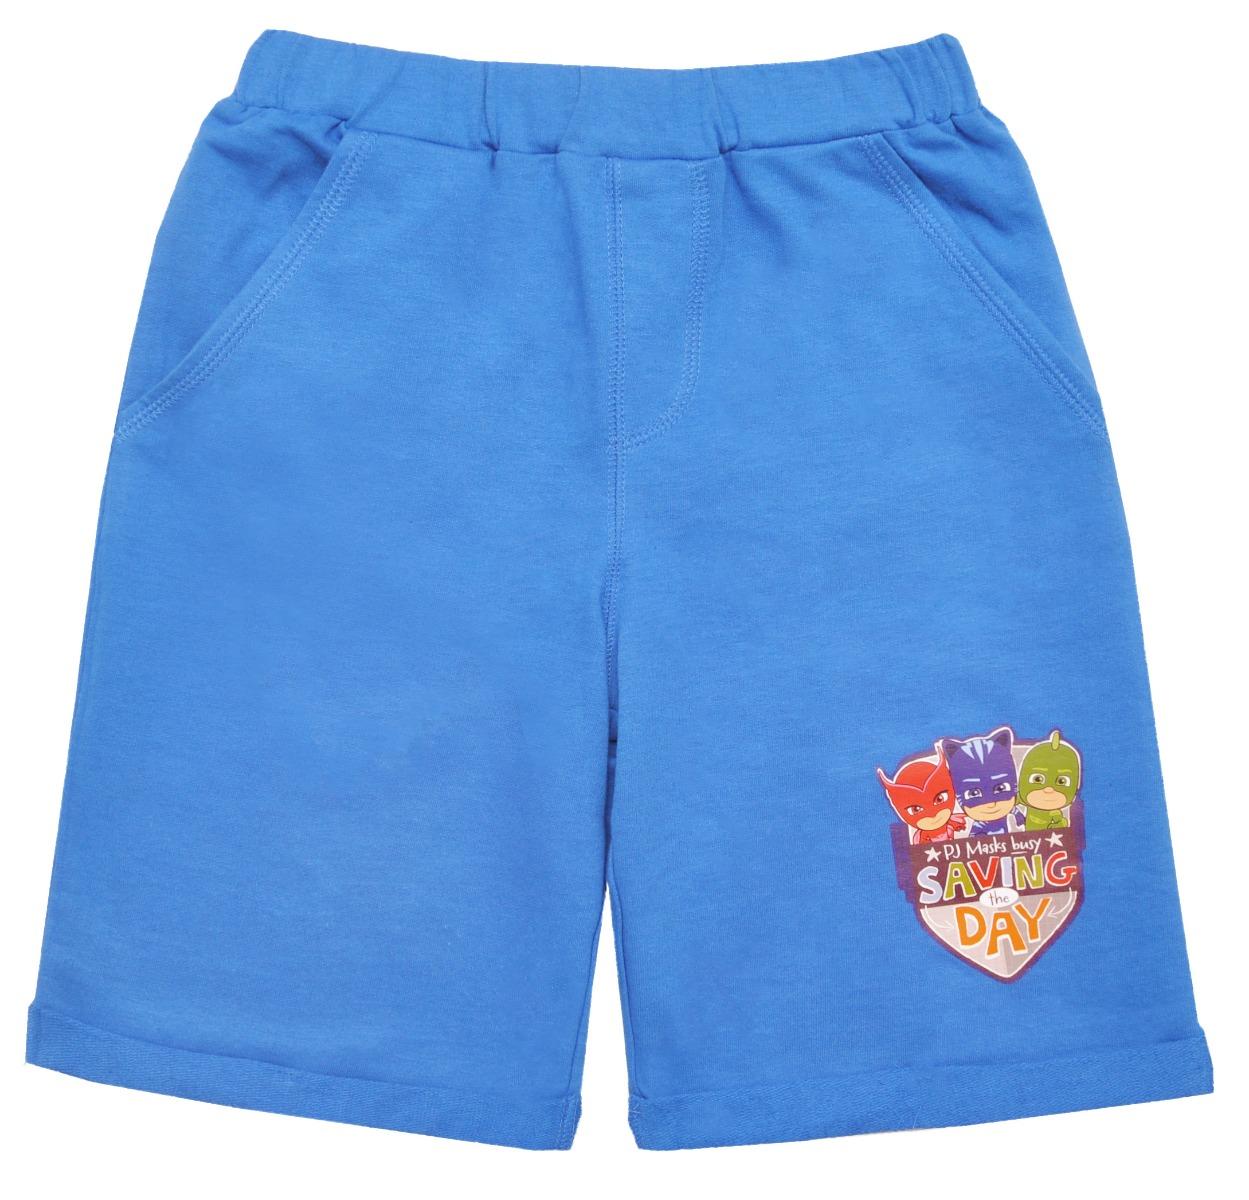 Pantaloni scurti cu imprimeu Pj Masks, Albastru